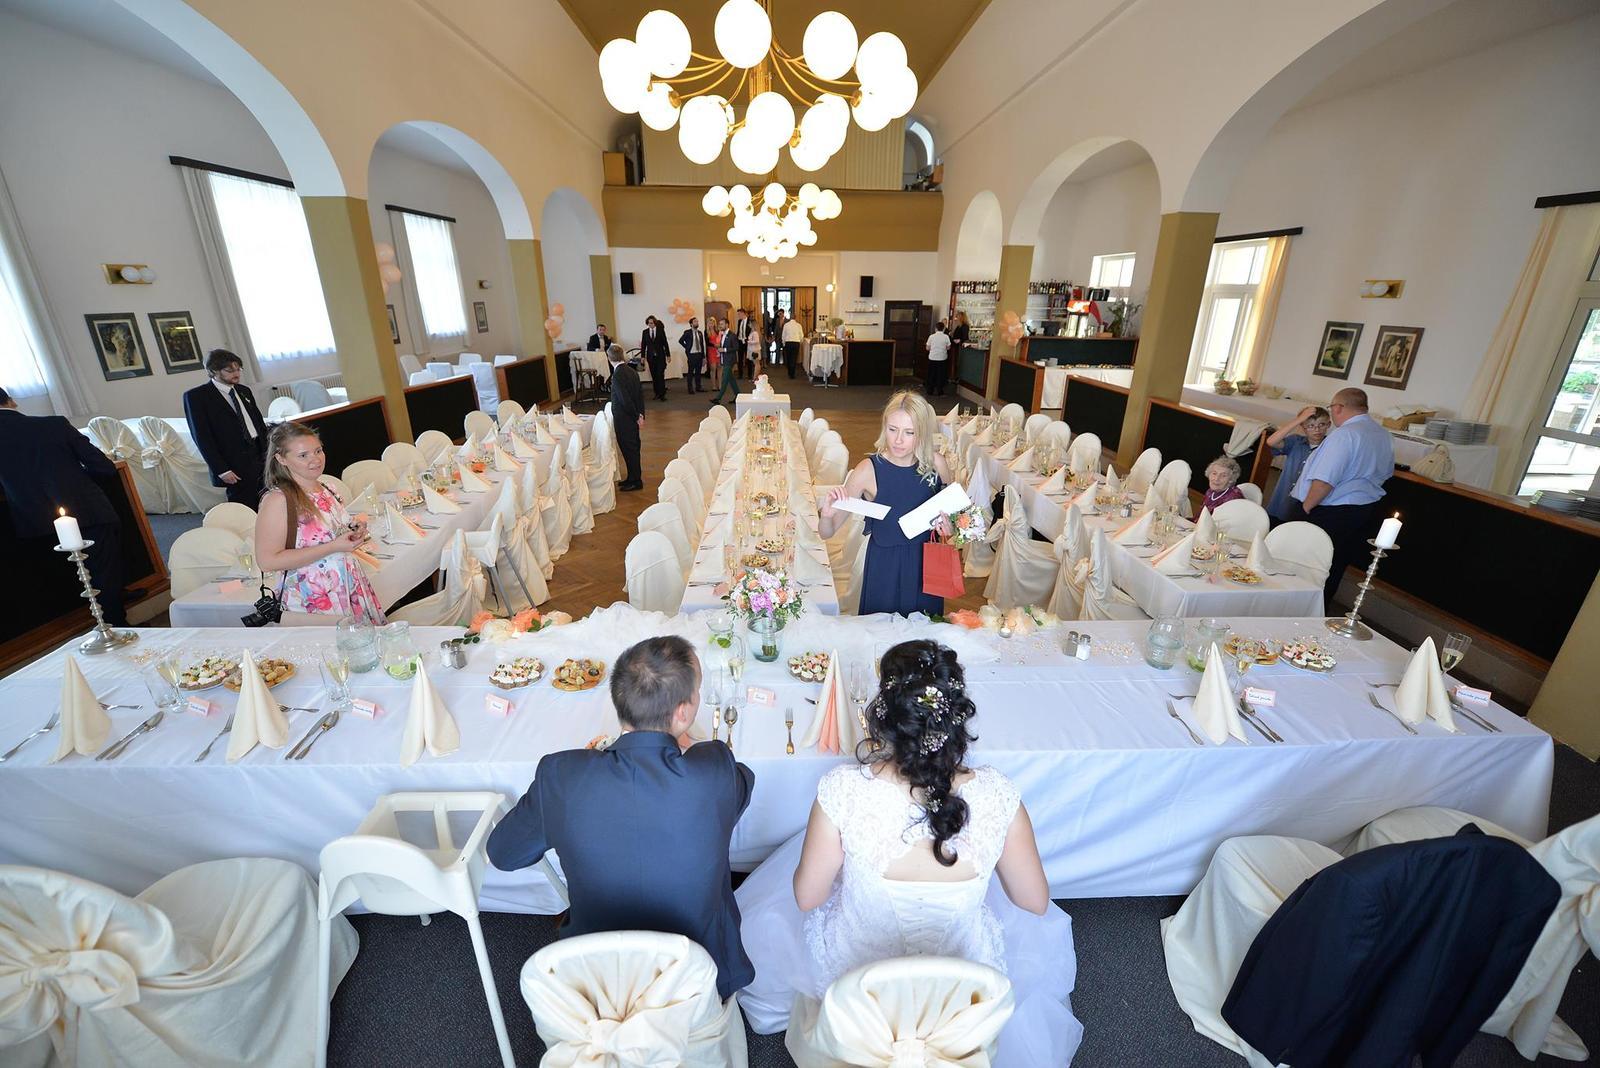 Svatby 2017 - Pohled novomanželů